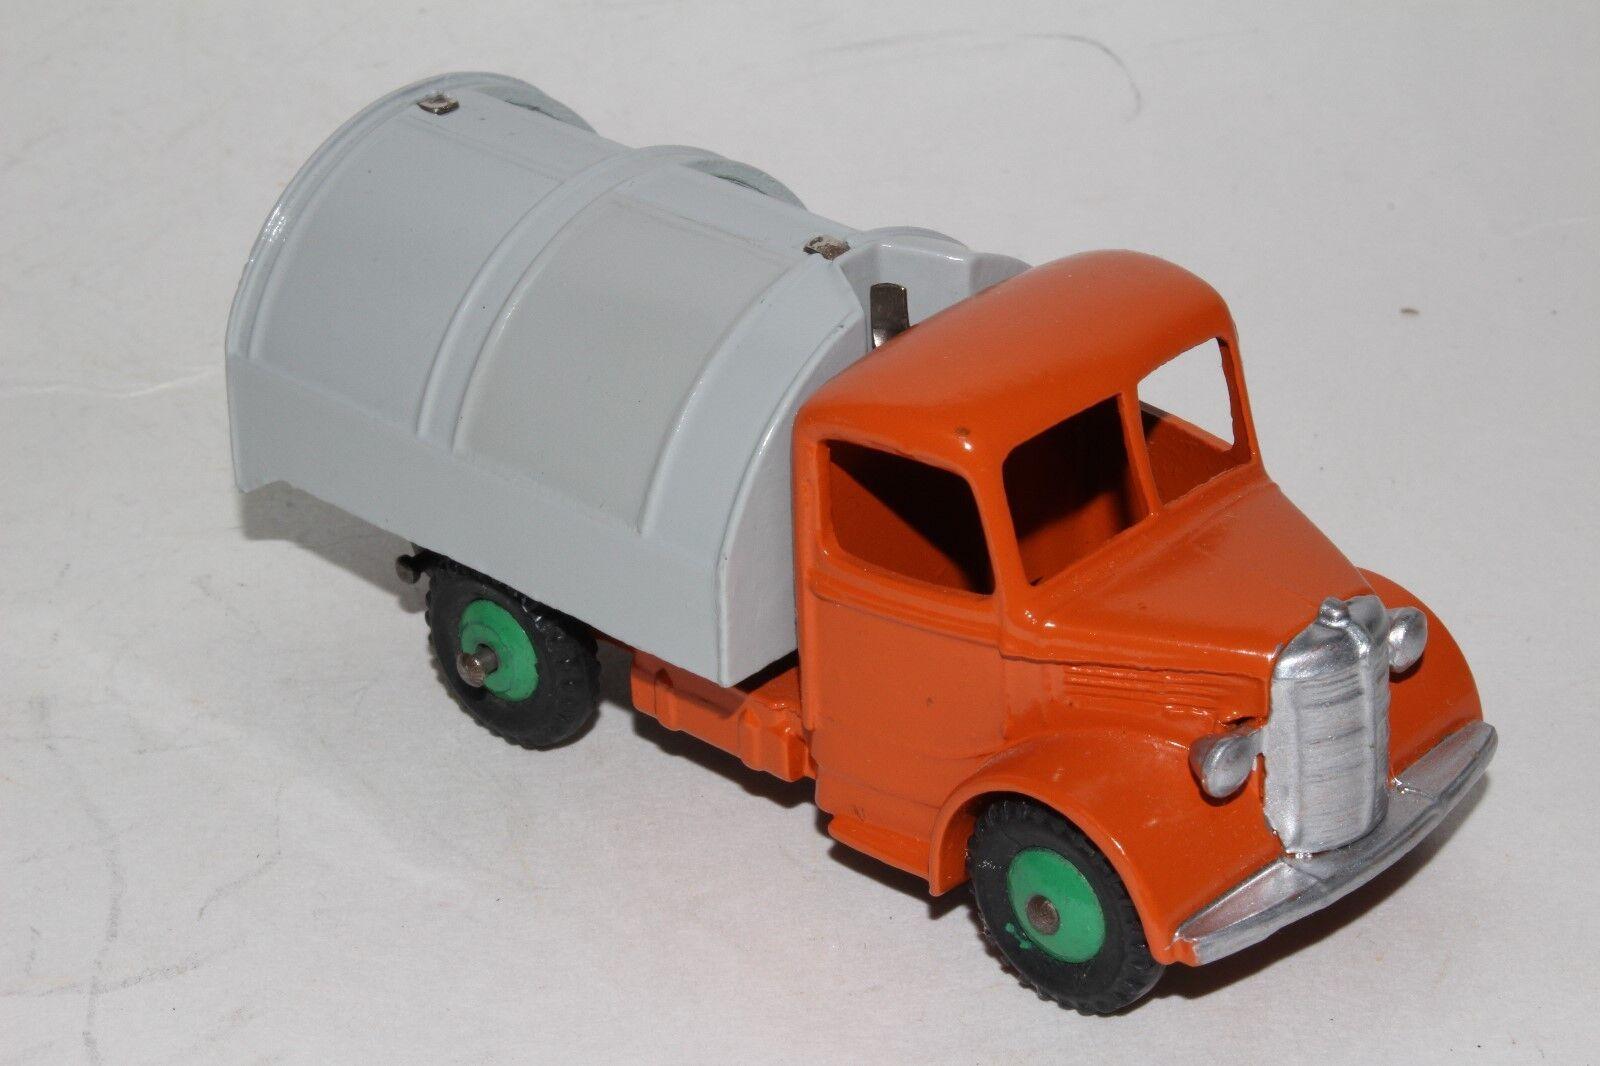 594ms Dinky 252 Bedford Basura Camión, Naranja, gris Cuerpo, Restaurado